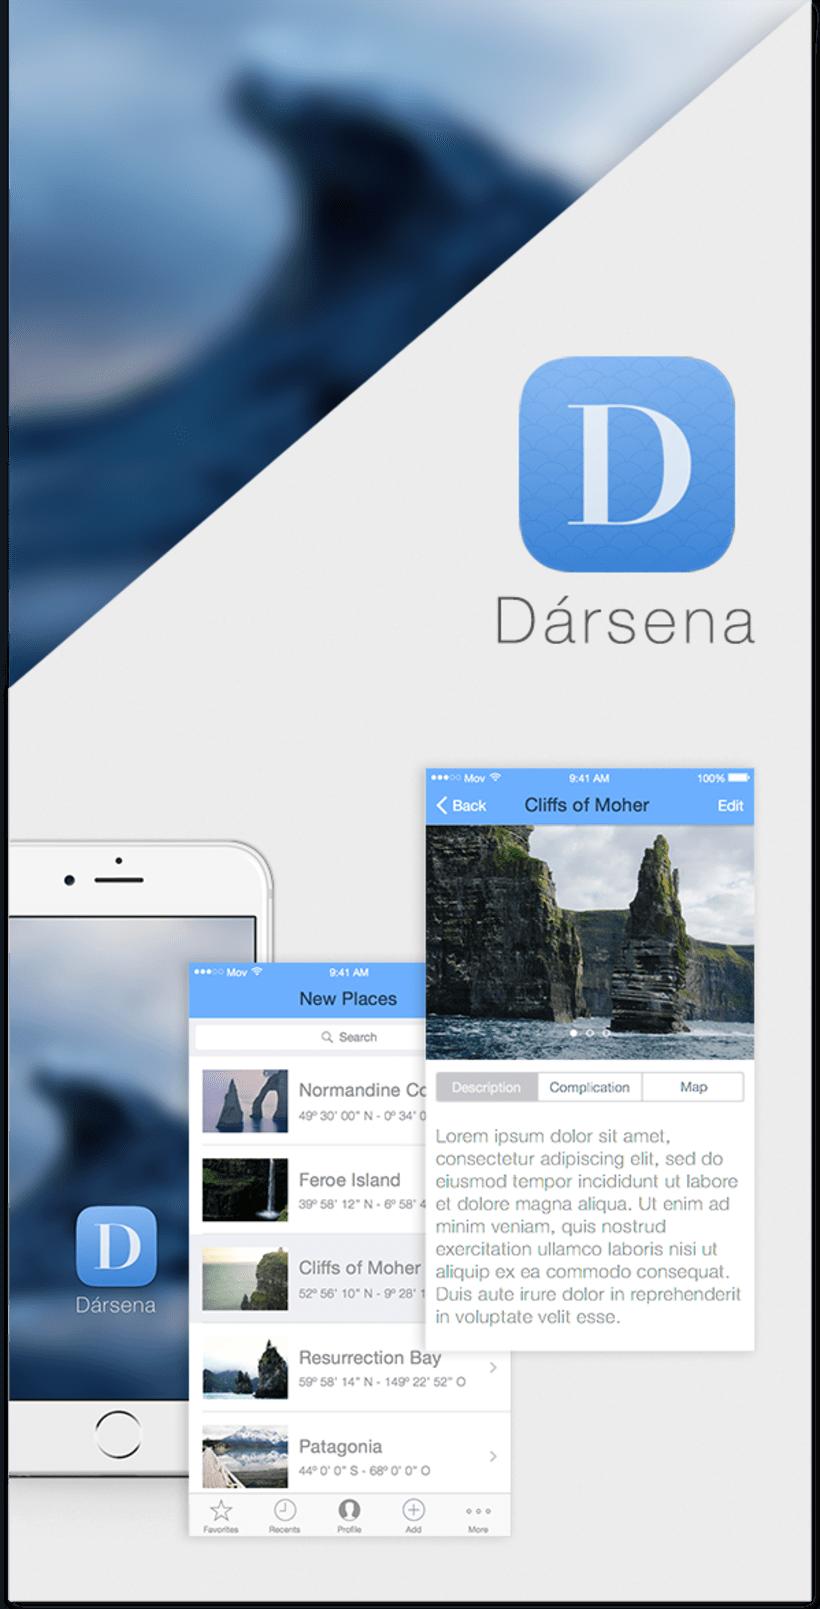 Mi Proyecto del curso Diseña una App deliciosa - Dársena App 0